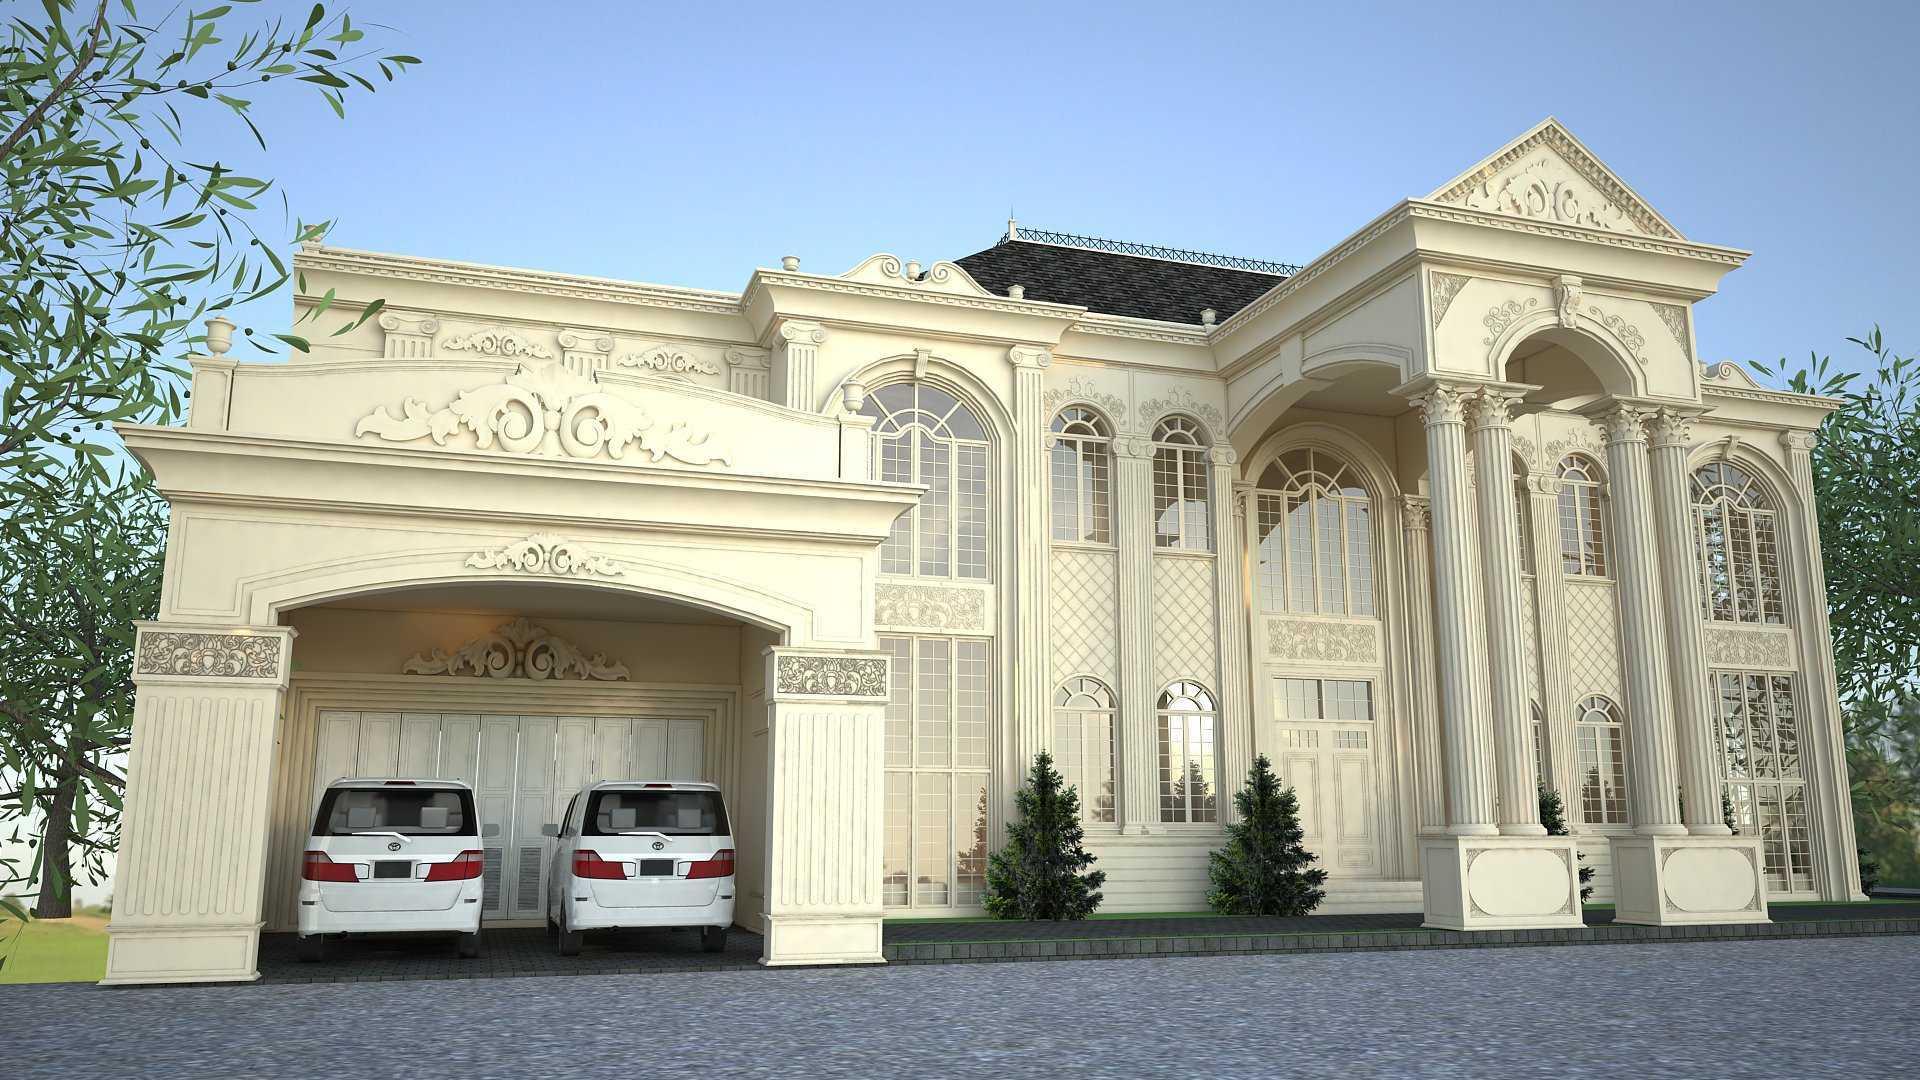 Arsindo Cipta Karya Classic House Project Cimahi Bandung Bandung Bandung Photo-26830 Klasik  26830